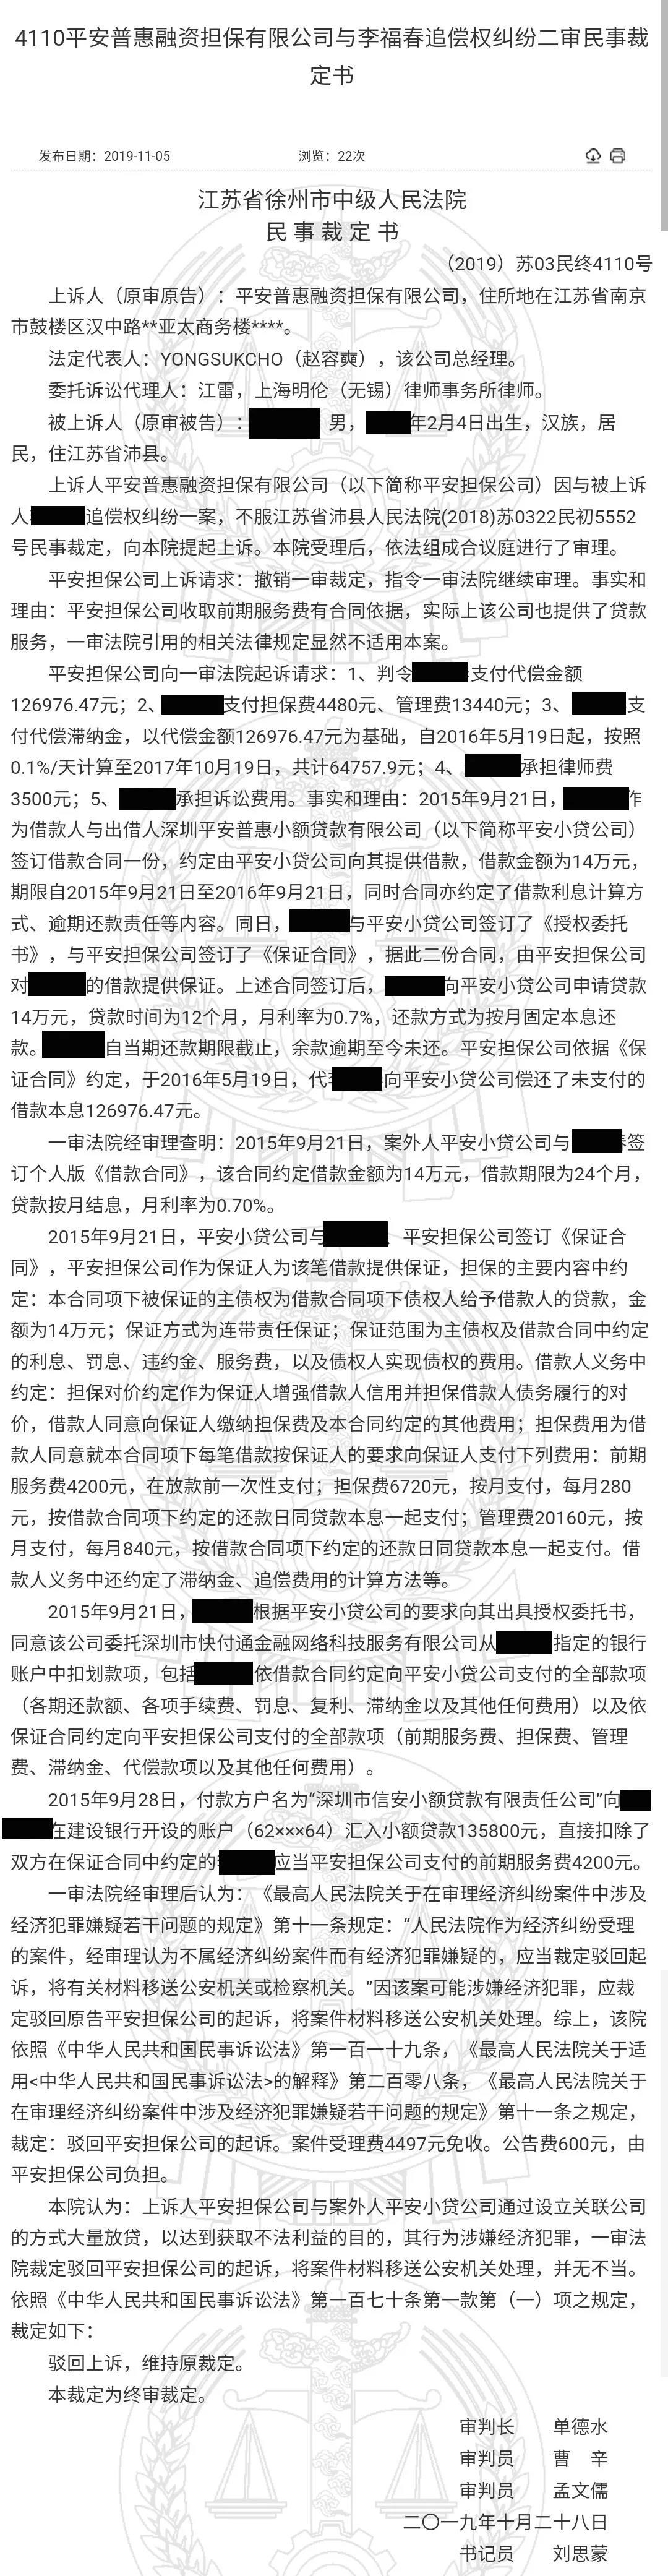 平安普惠通过设立关联公司大量放贷 法院:涉嫌经济犯罪